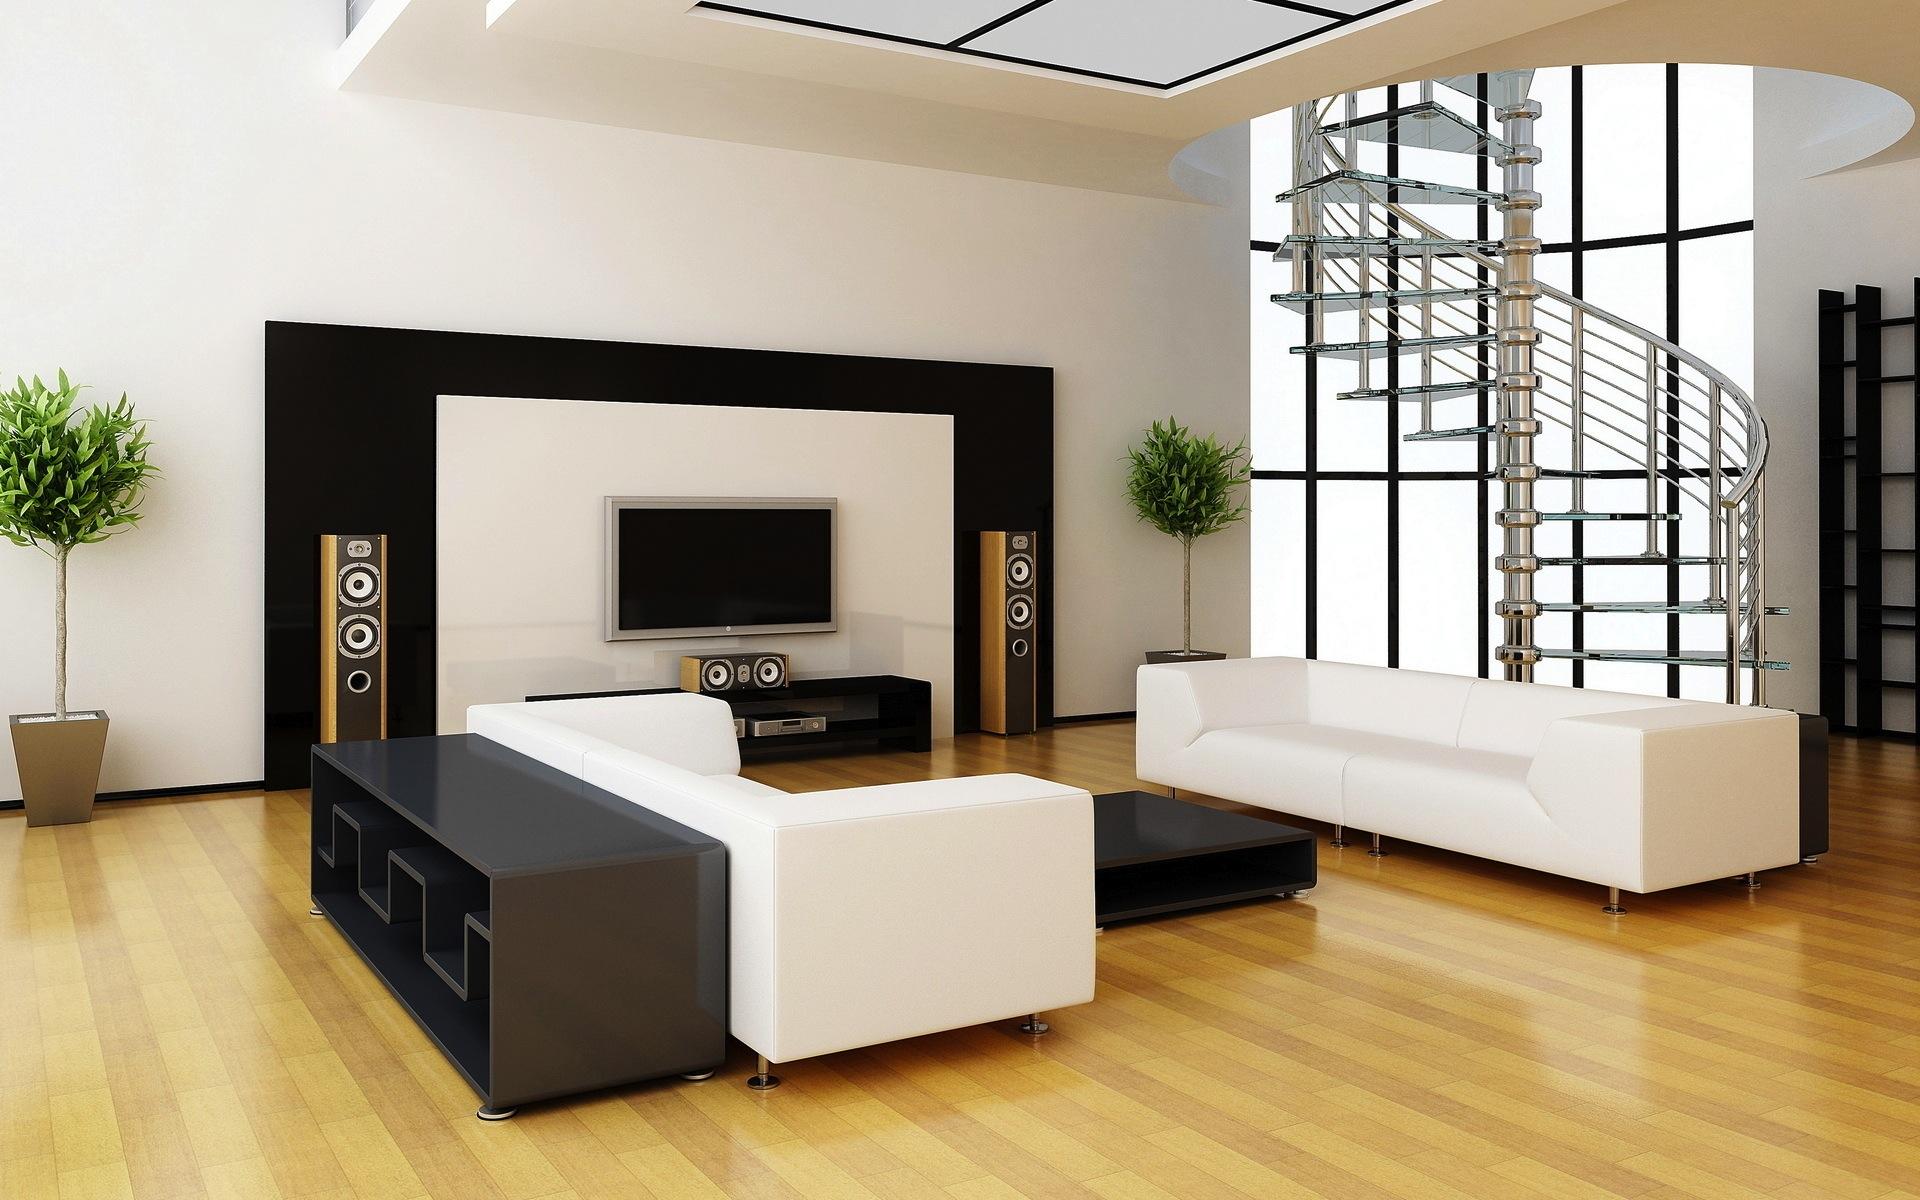 Gợi ý nội thất phòng khách theo phong cách tối giản - ELLE